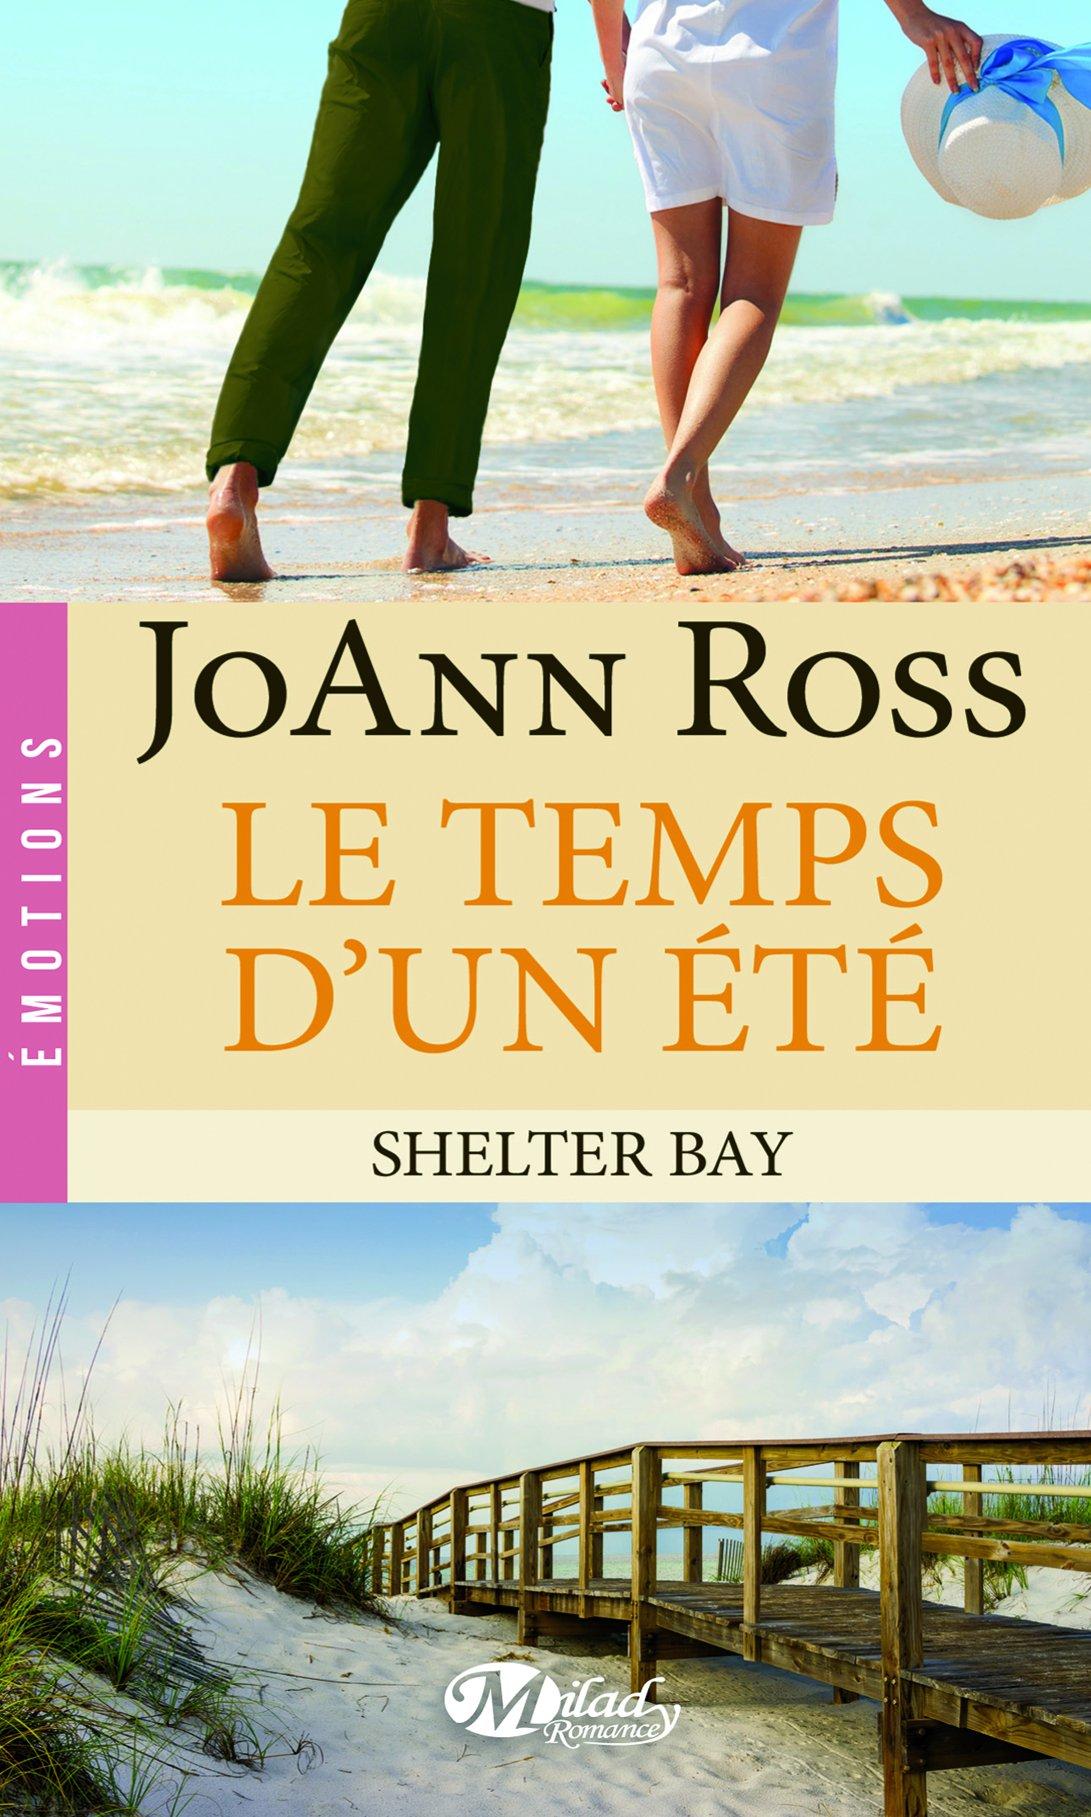 Shelter Bay, Tome 2 : Le temps d'un été 81R-2eiFDXL